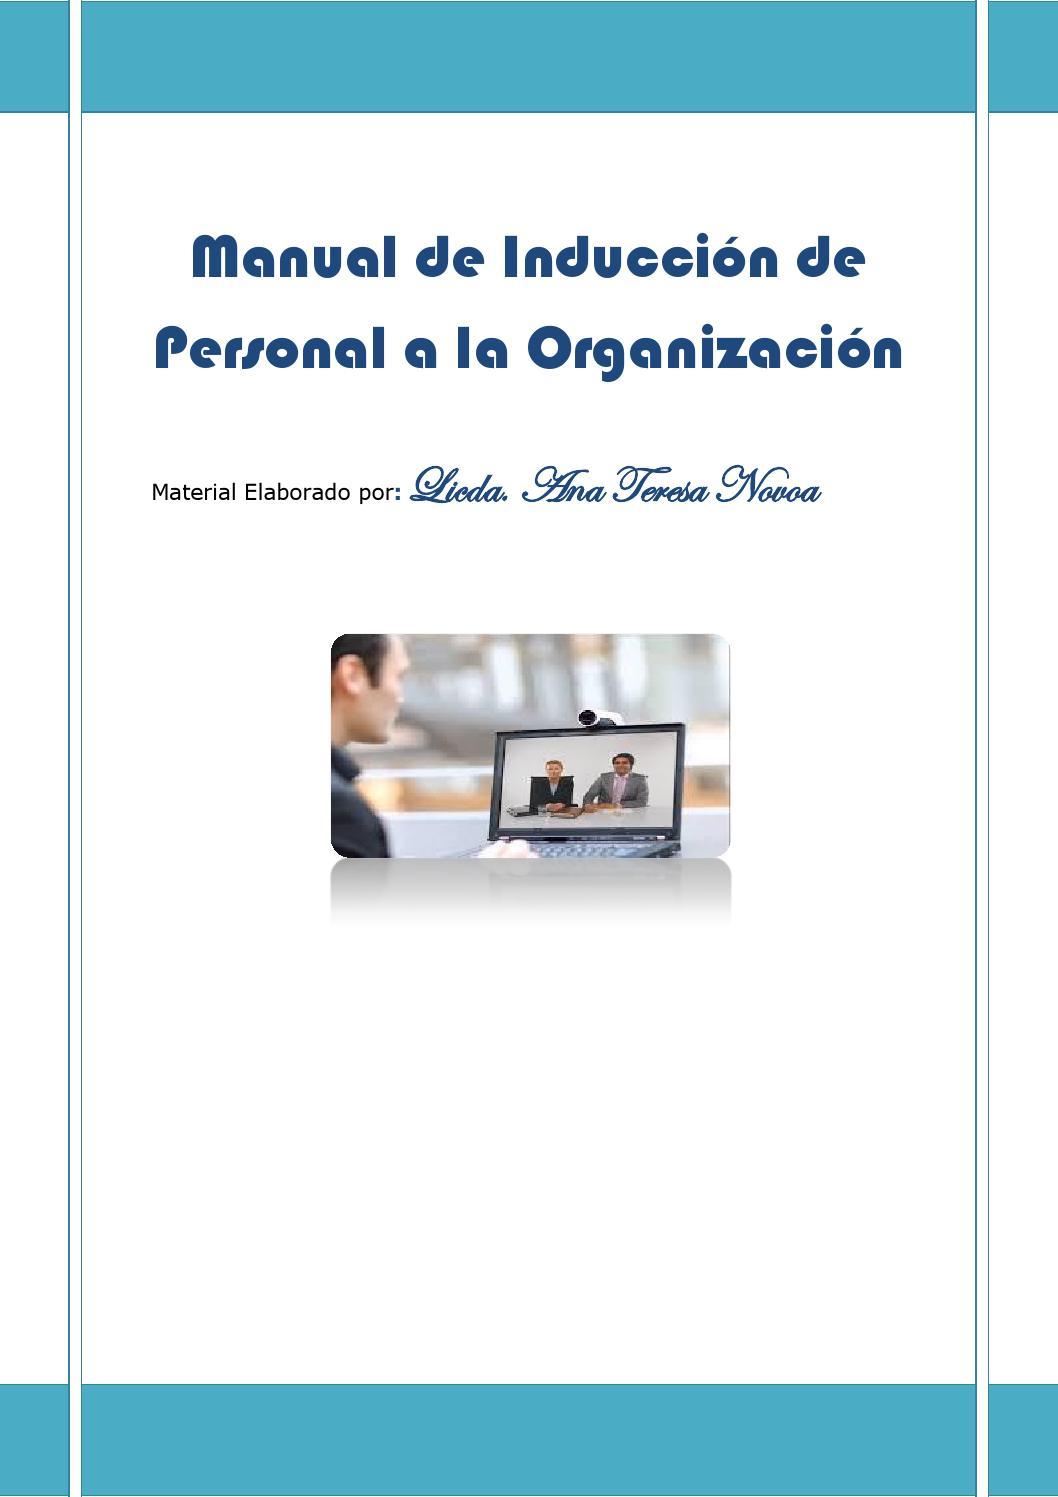 Manual de inducción de personal a la organización by Any Novoa - issuu